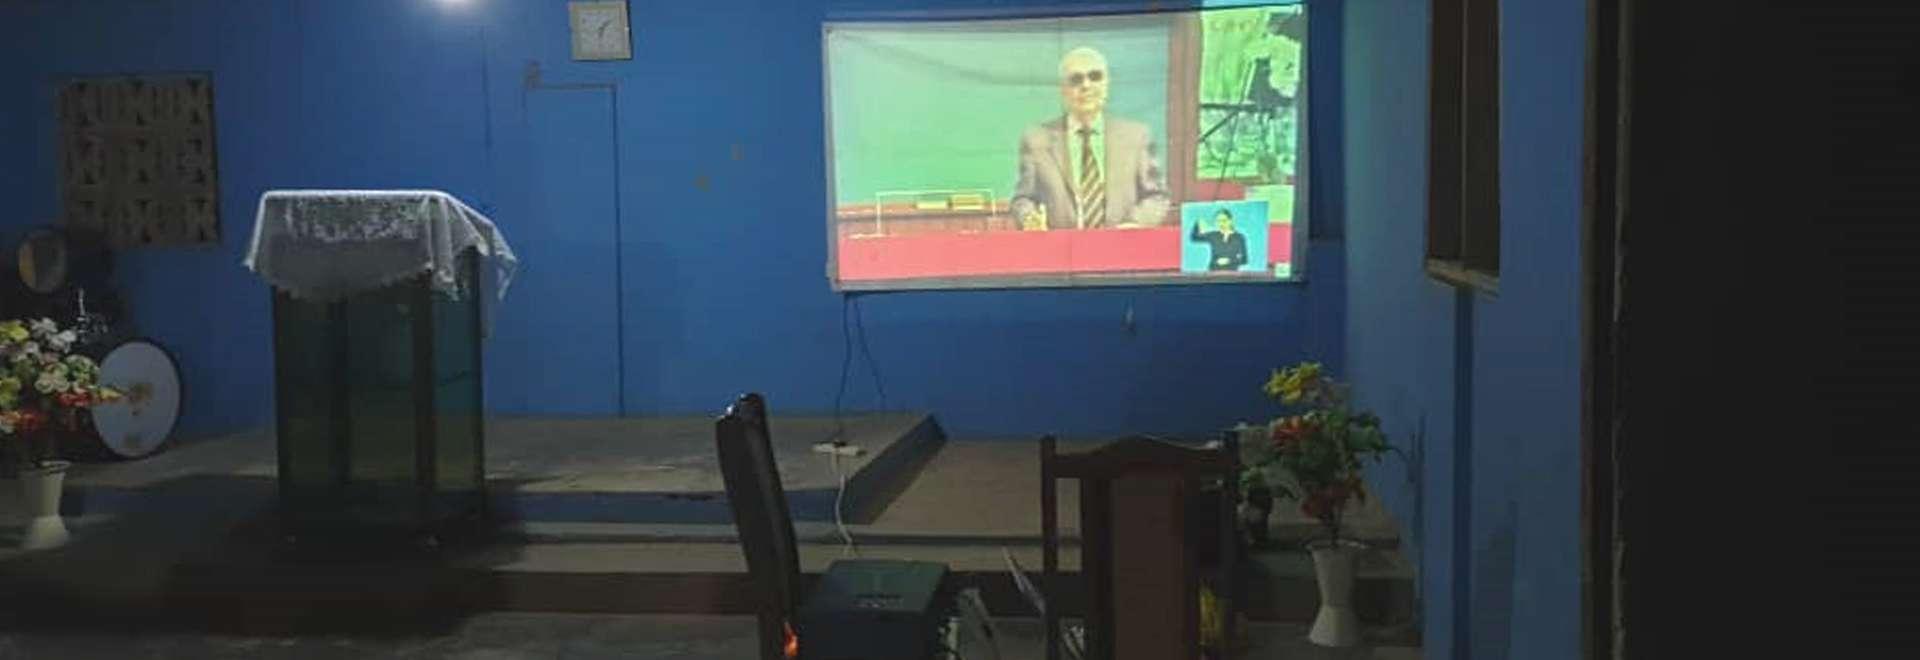 Igreja Cristã Maranata de Gana recebe projetor para acompanhamento de transmissões via satélite